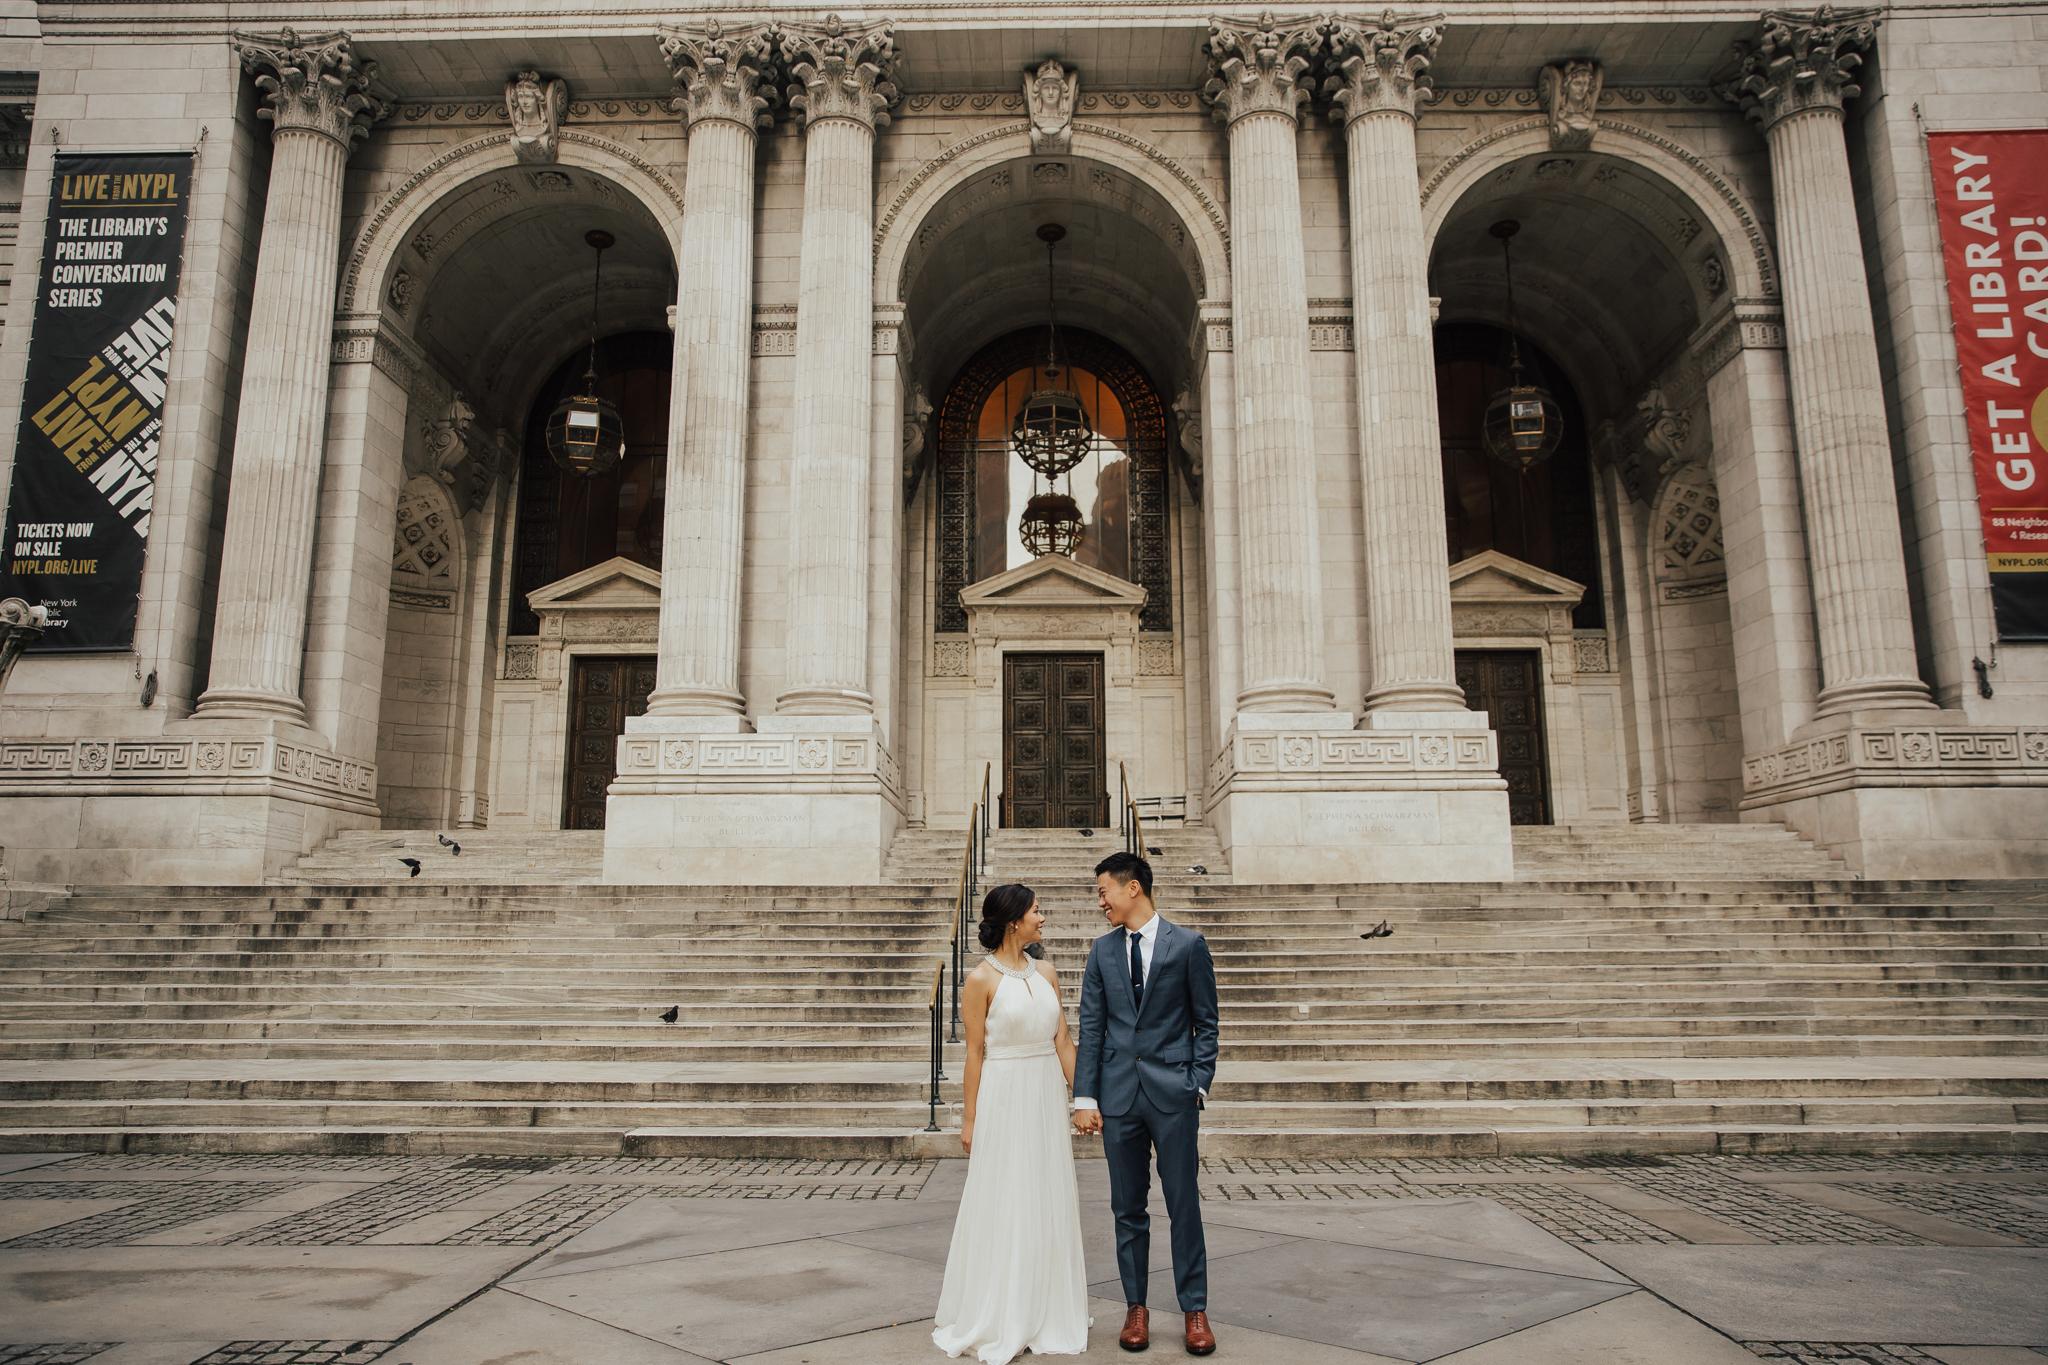 NYPL wedding photography